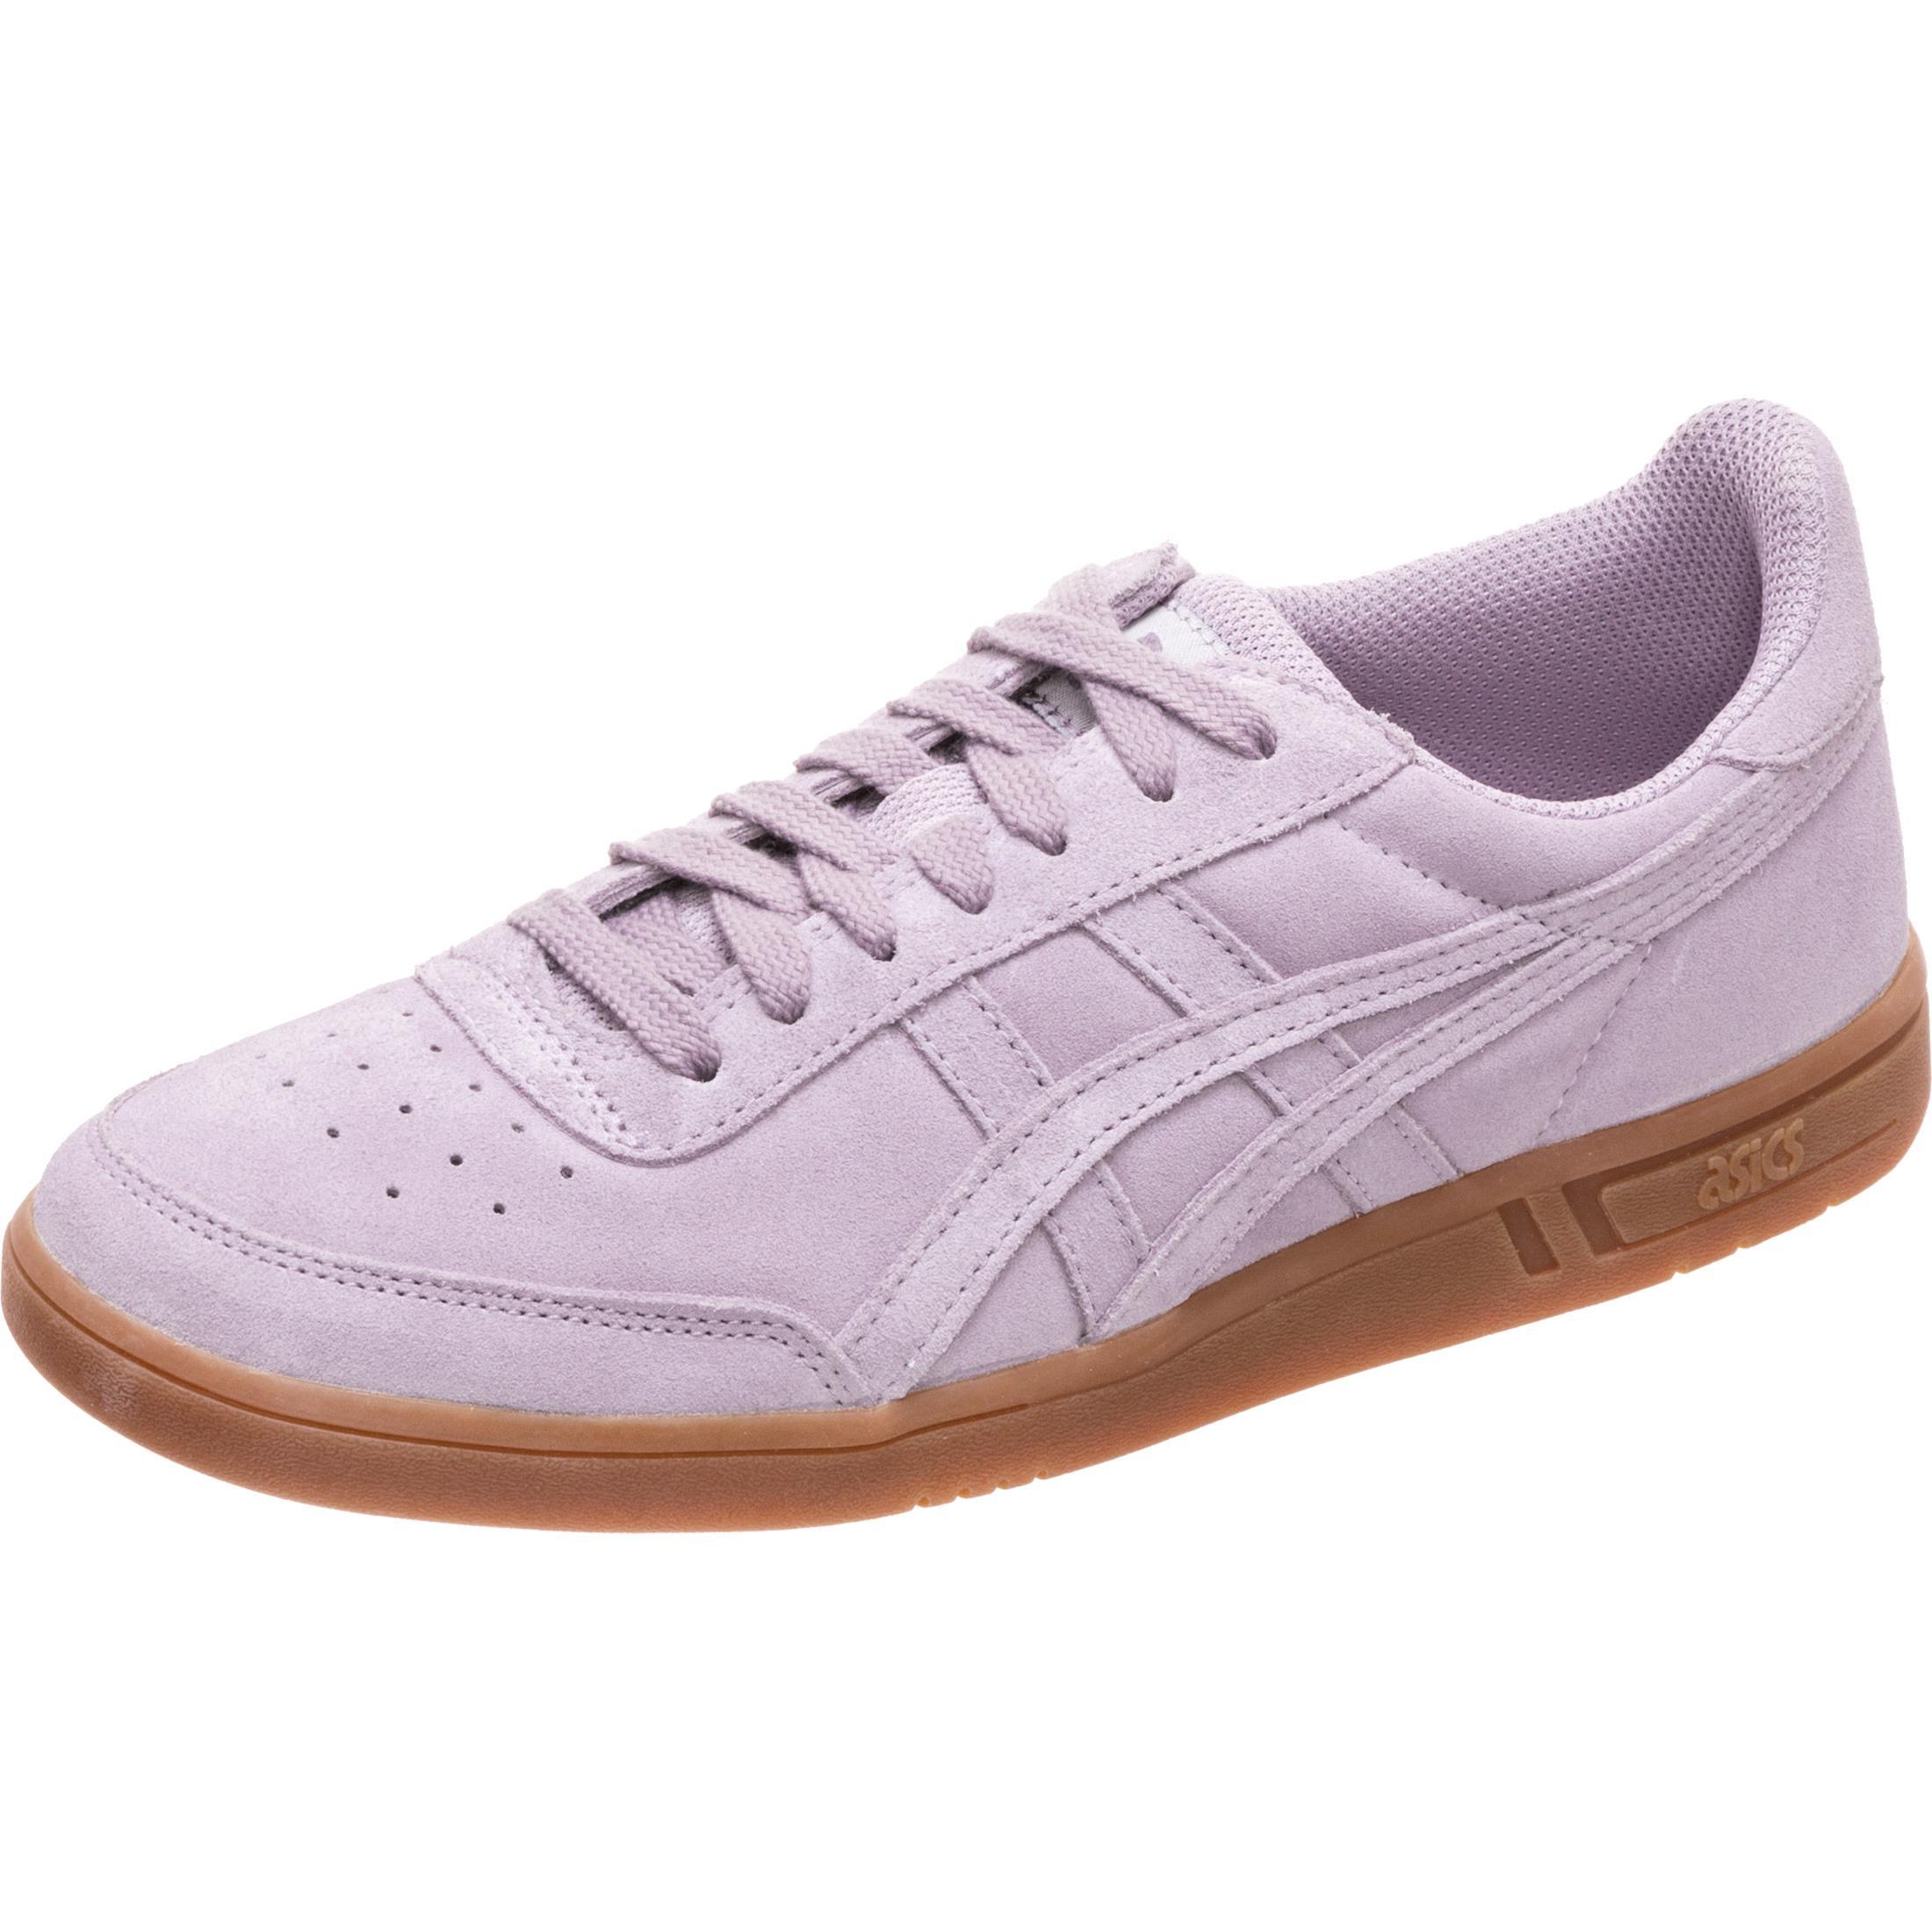 ASICS Gel-Vickka TRS Turnschuhe Damen flieder im Online Shop von SportScheck kaufen Gute Qualität beliebte Schuhe